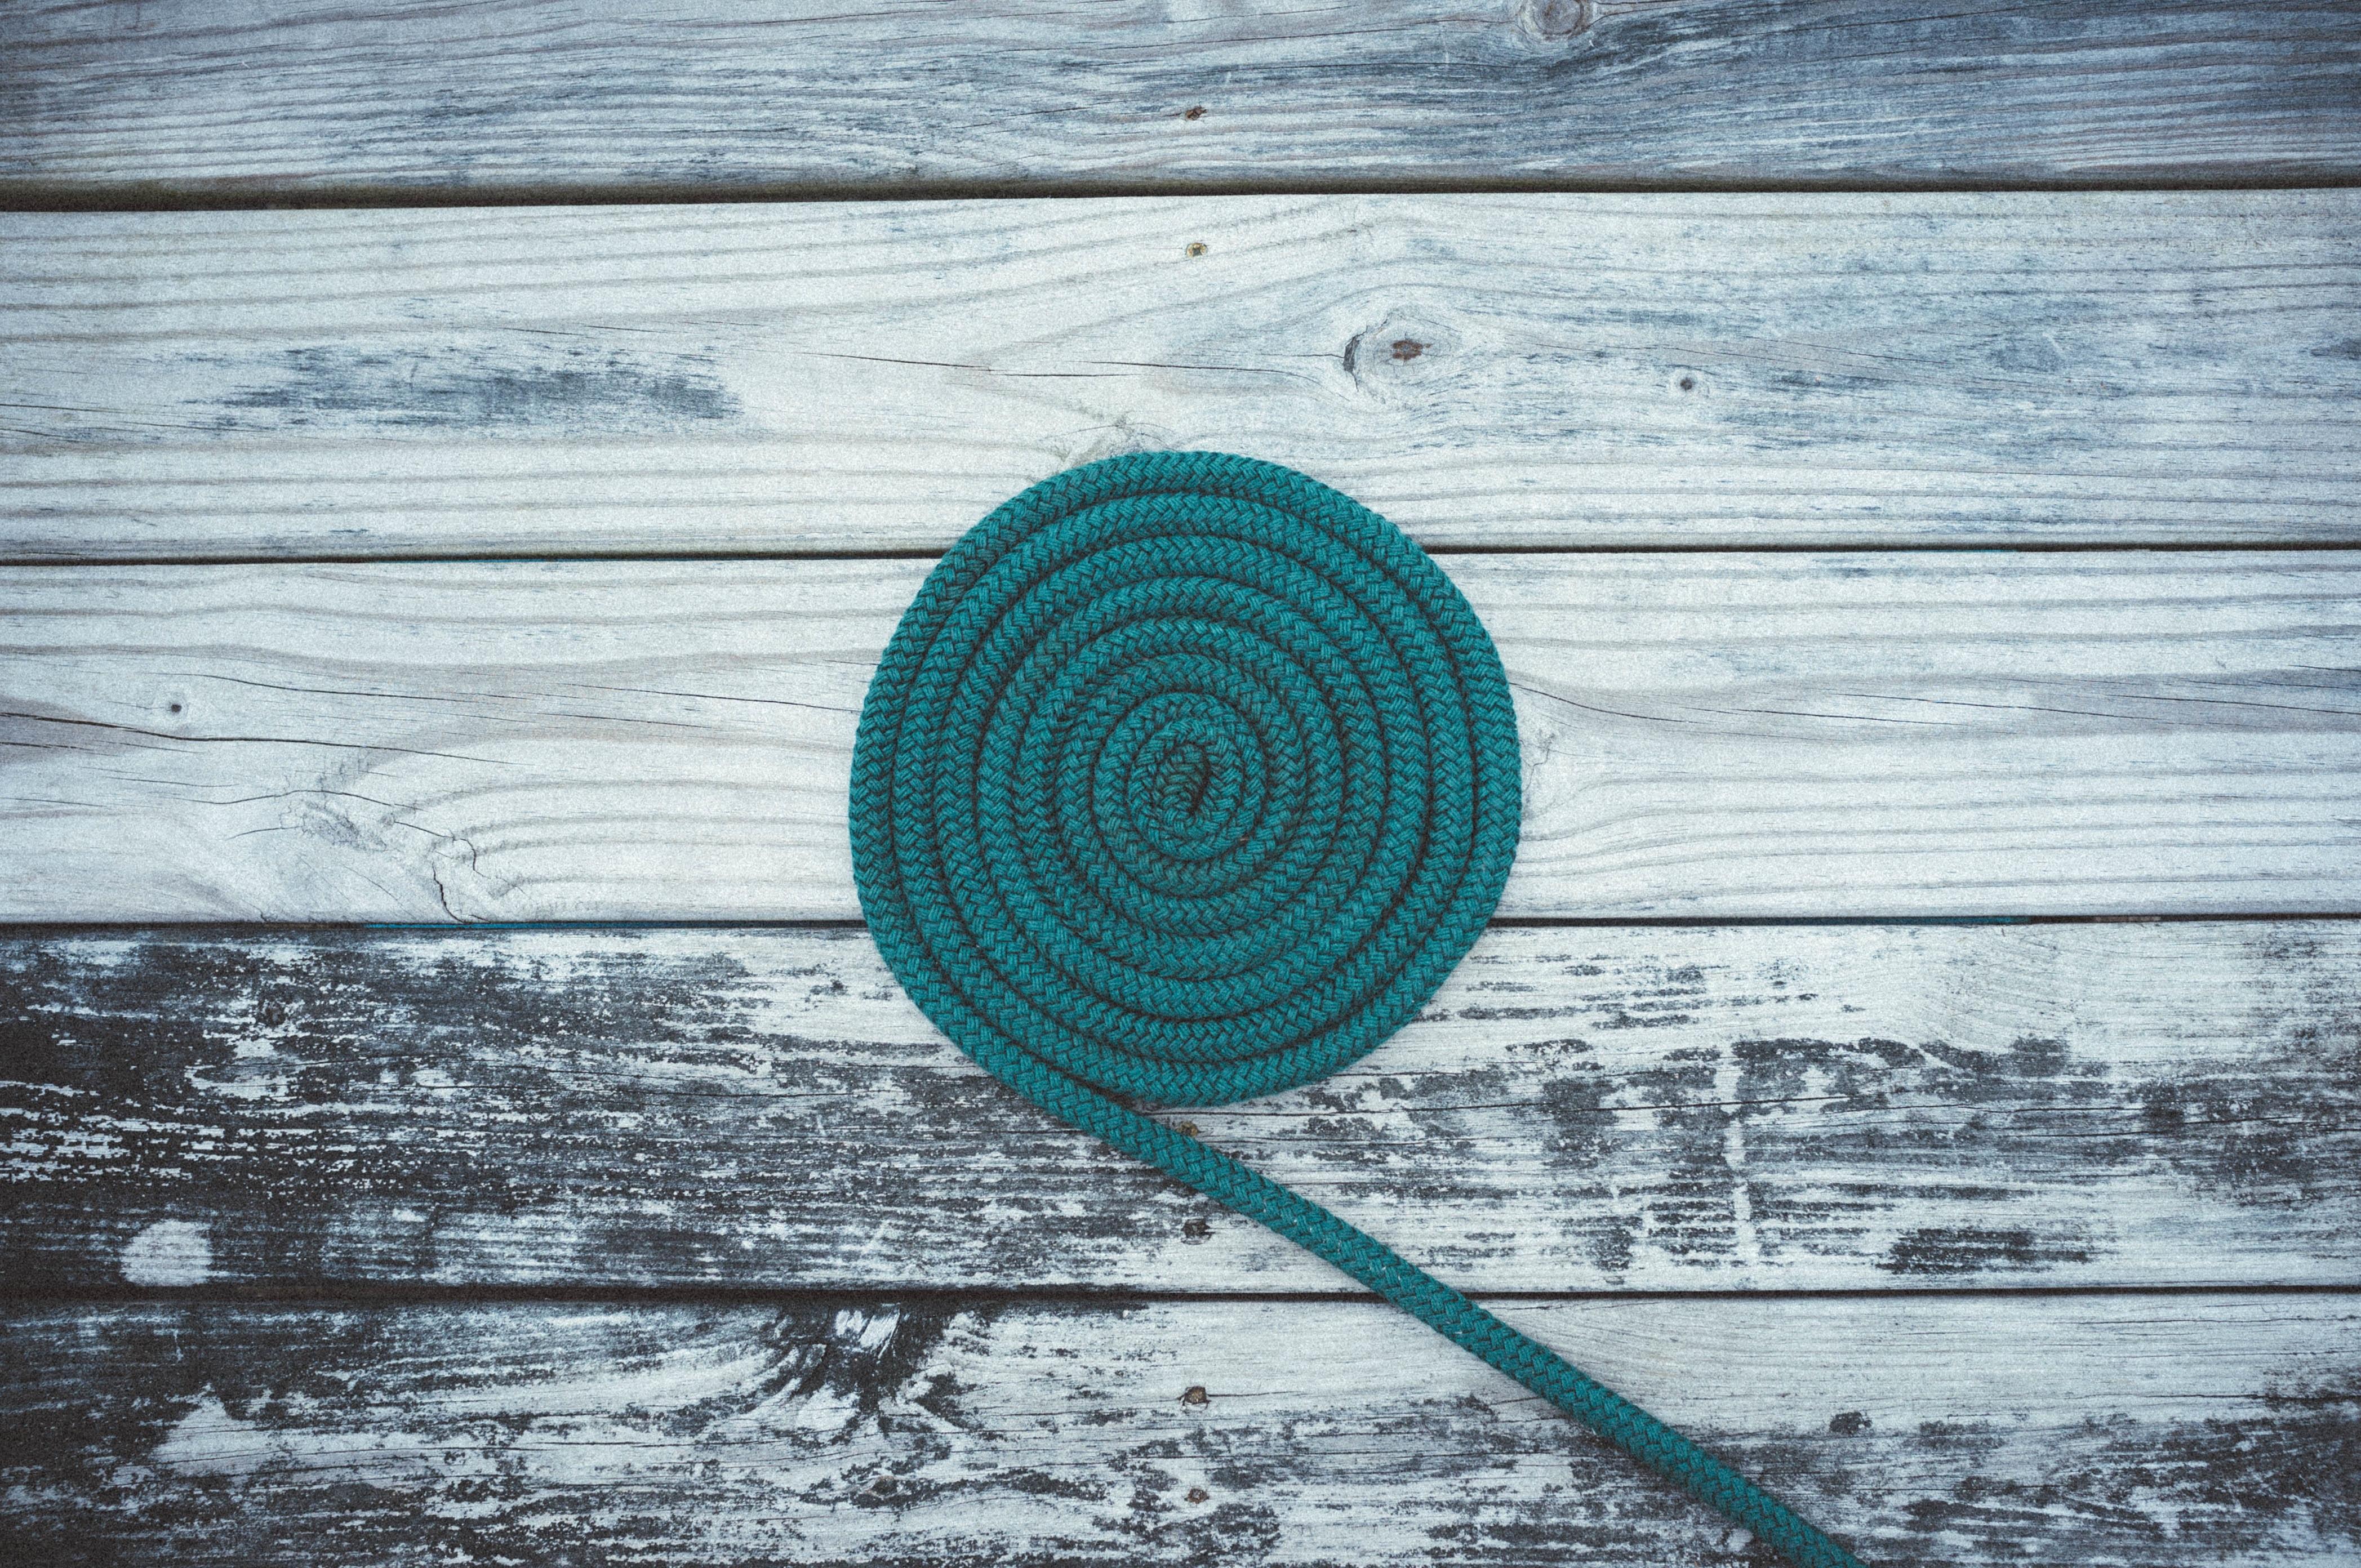 86969 Hintergrundbild herunterladen Minimalismus, Kabel, Spiral, Spirale, Deck, Seil - Bildschirmschoner und Bilder kostenlos